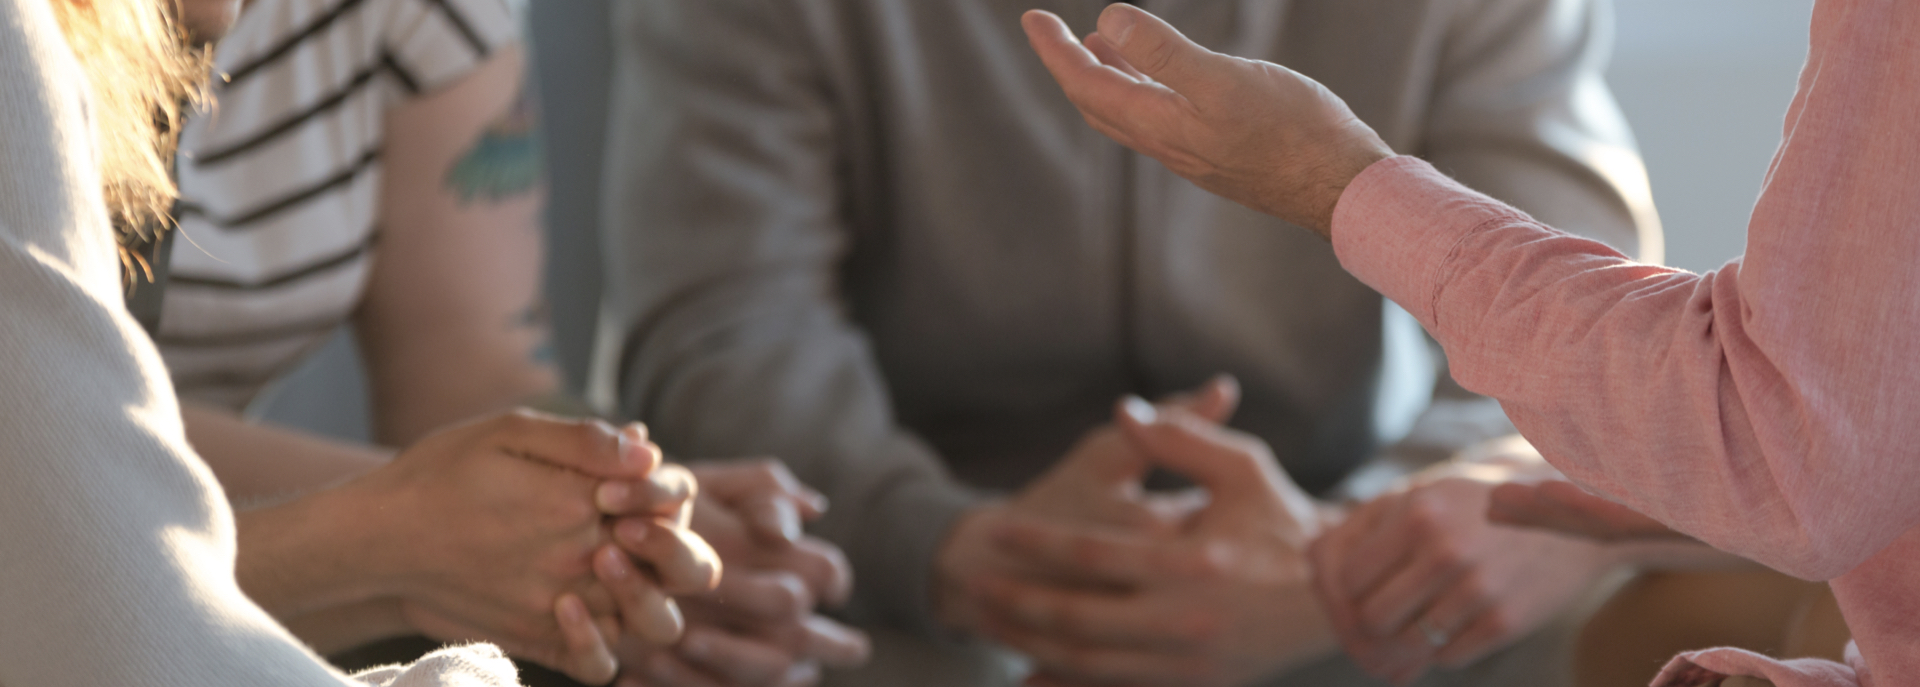 5 per mille e IRCCS Fatebenefratelli: un osservatorio per il disagio psichico giovanile